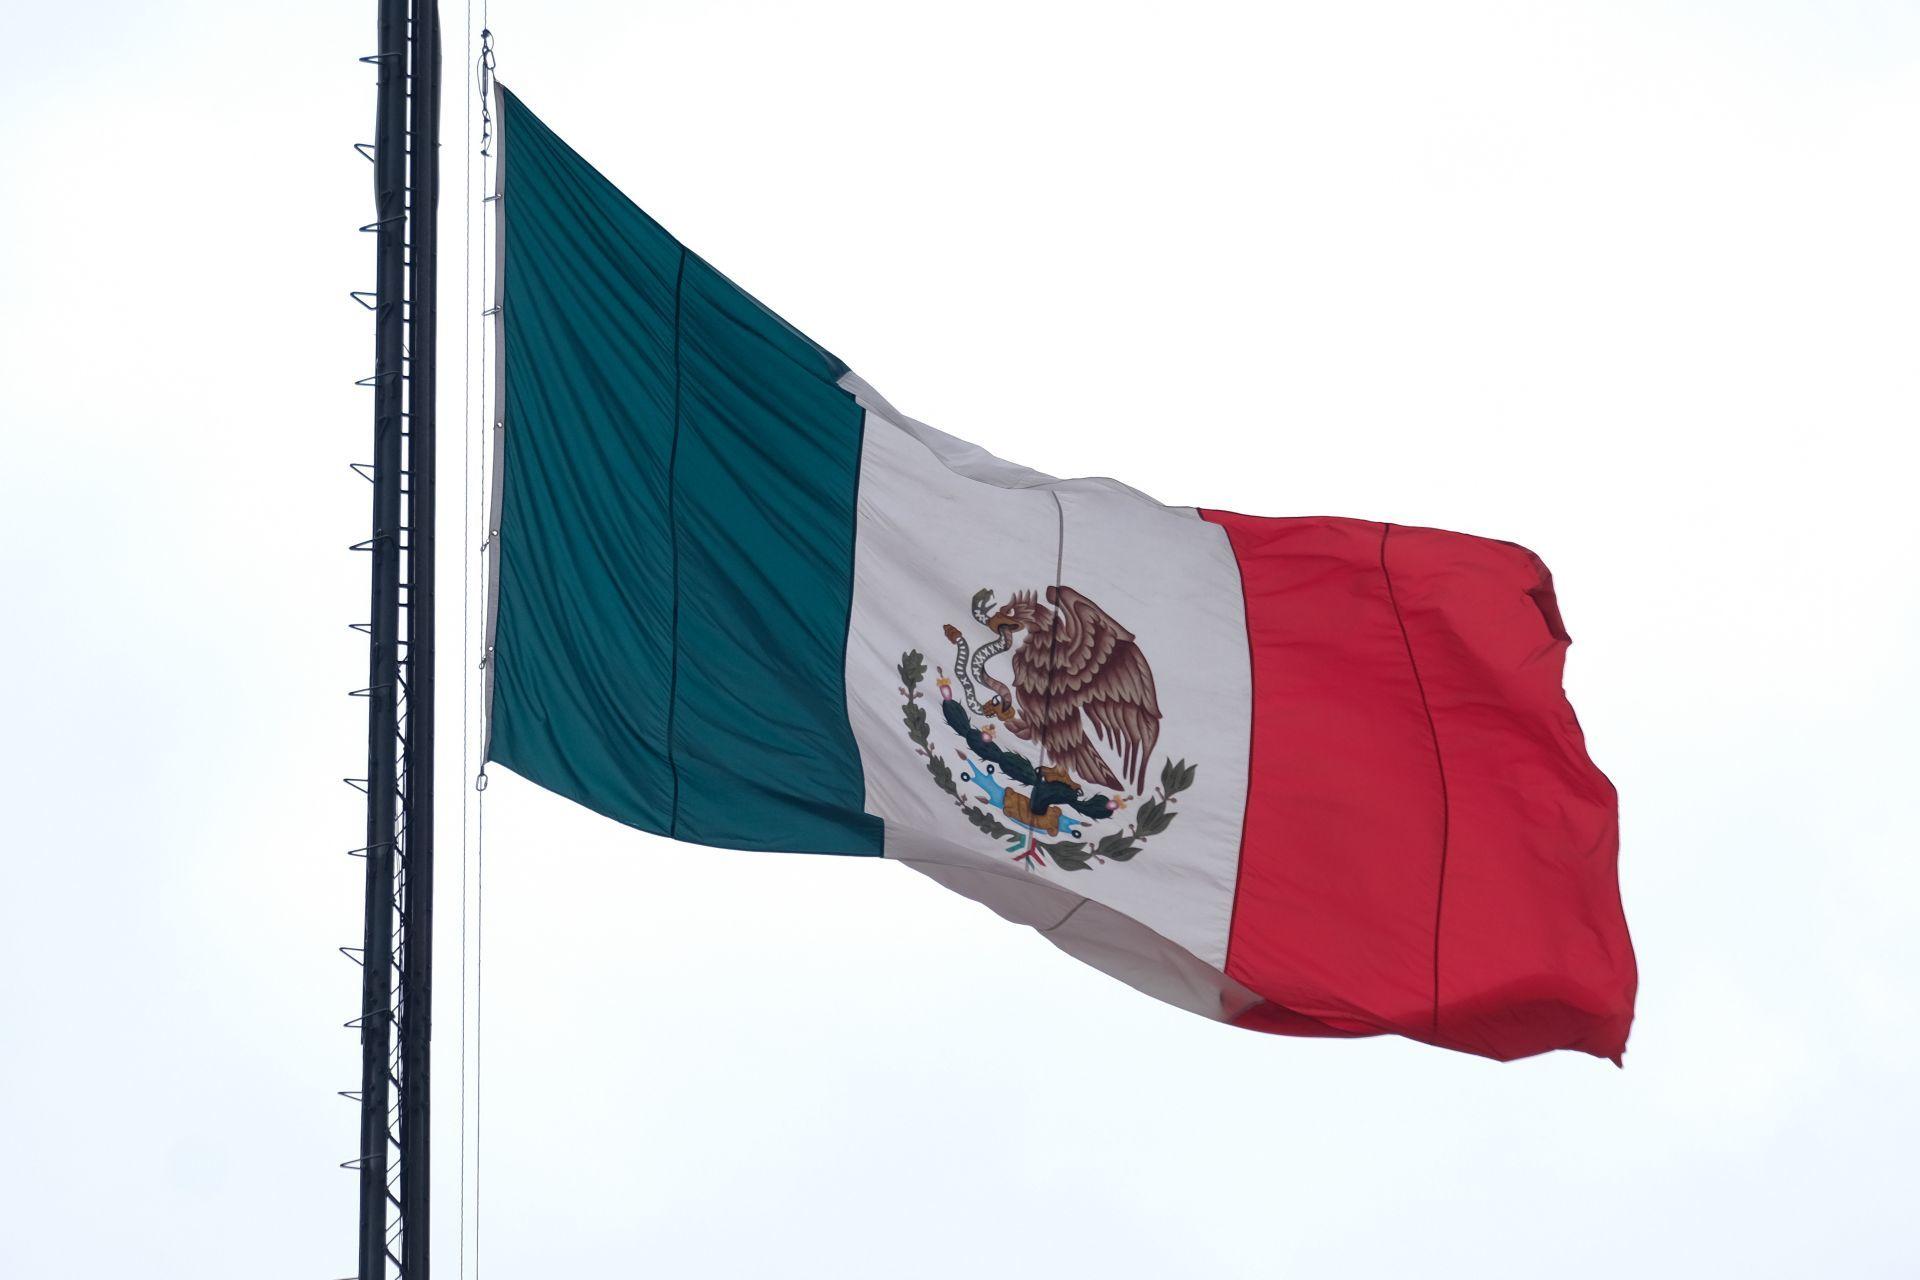 Deuda soberana de México es estable, señala agencia Fitch Ratings